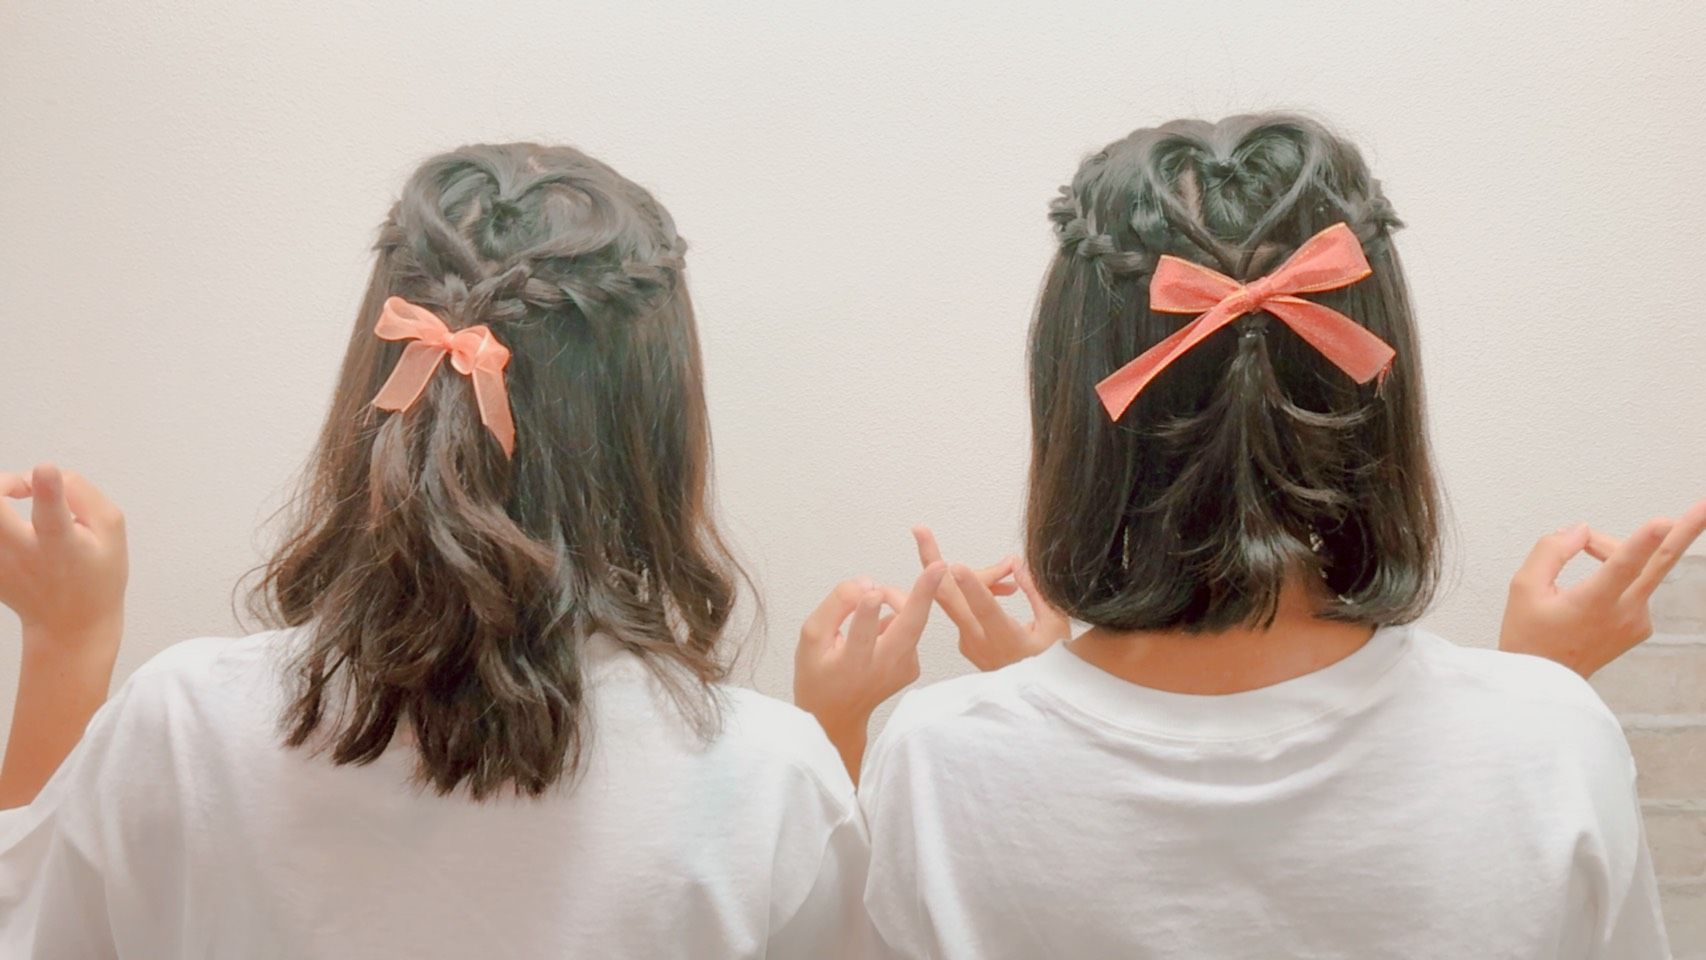 文化祭でやりたい髪型20選 可愛いおそろいの髪型 高校生なう